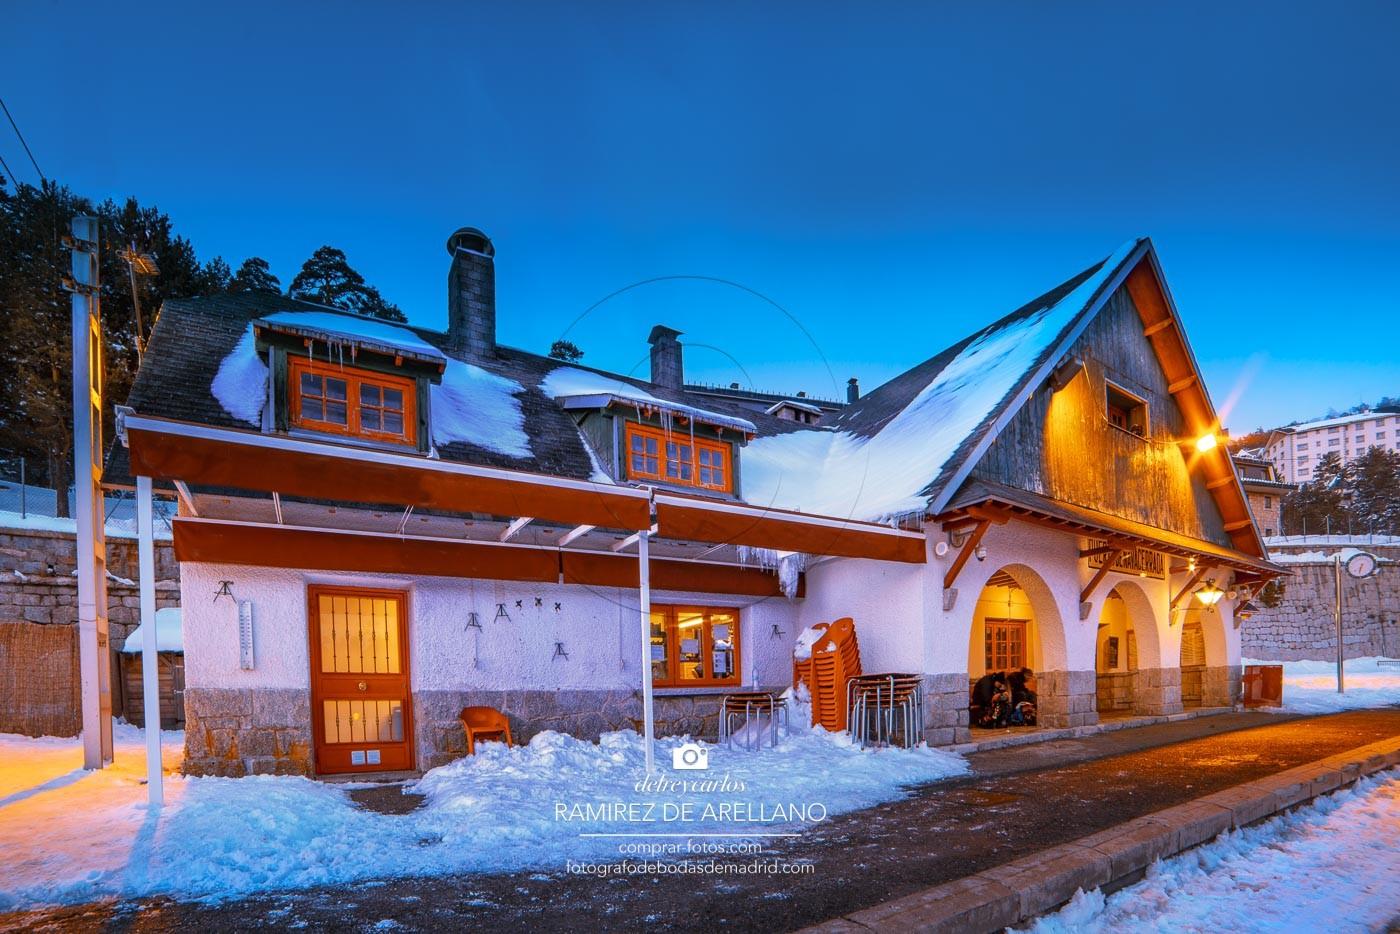 _DSC4185 Estación de Navacerrada con nieve.20,9 MB  6434×4294